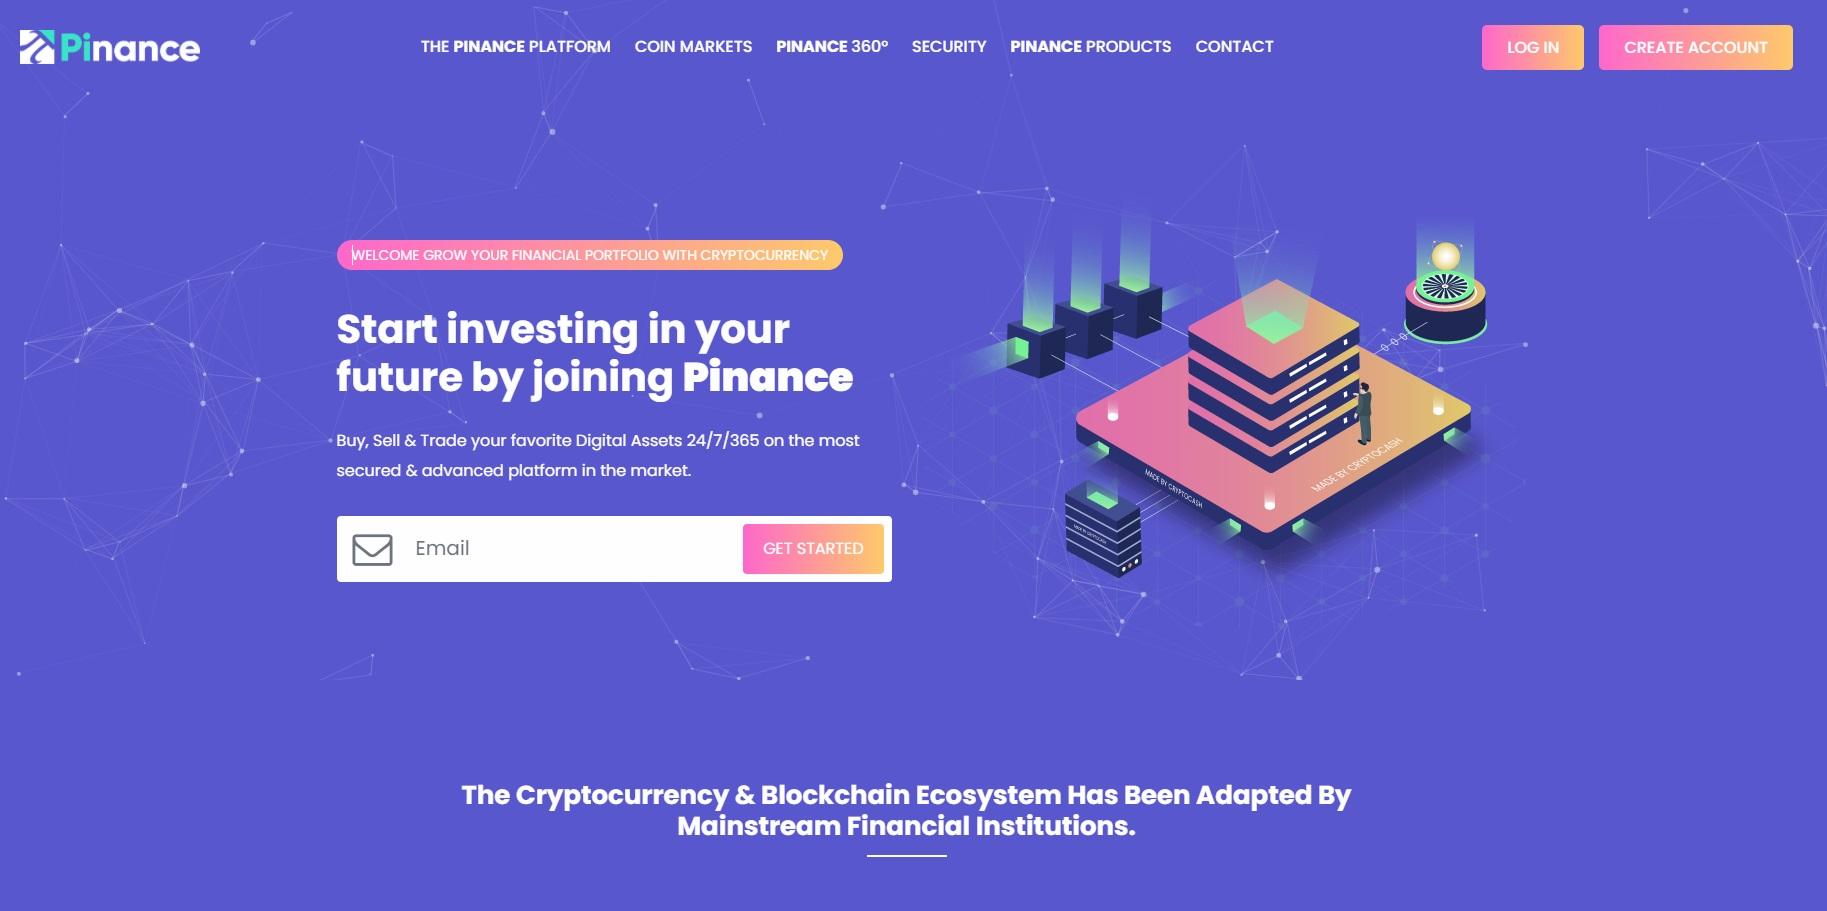 Pinance crypto exchange